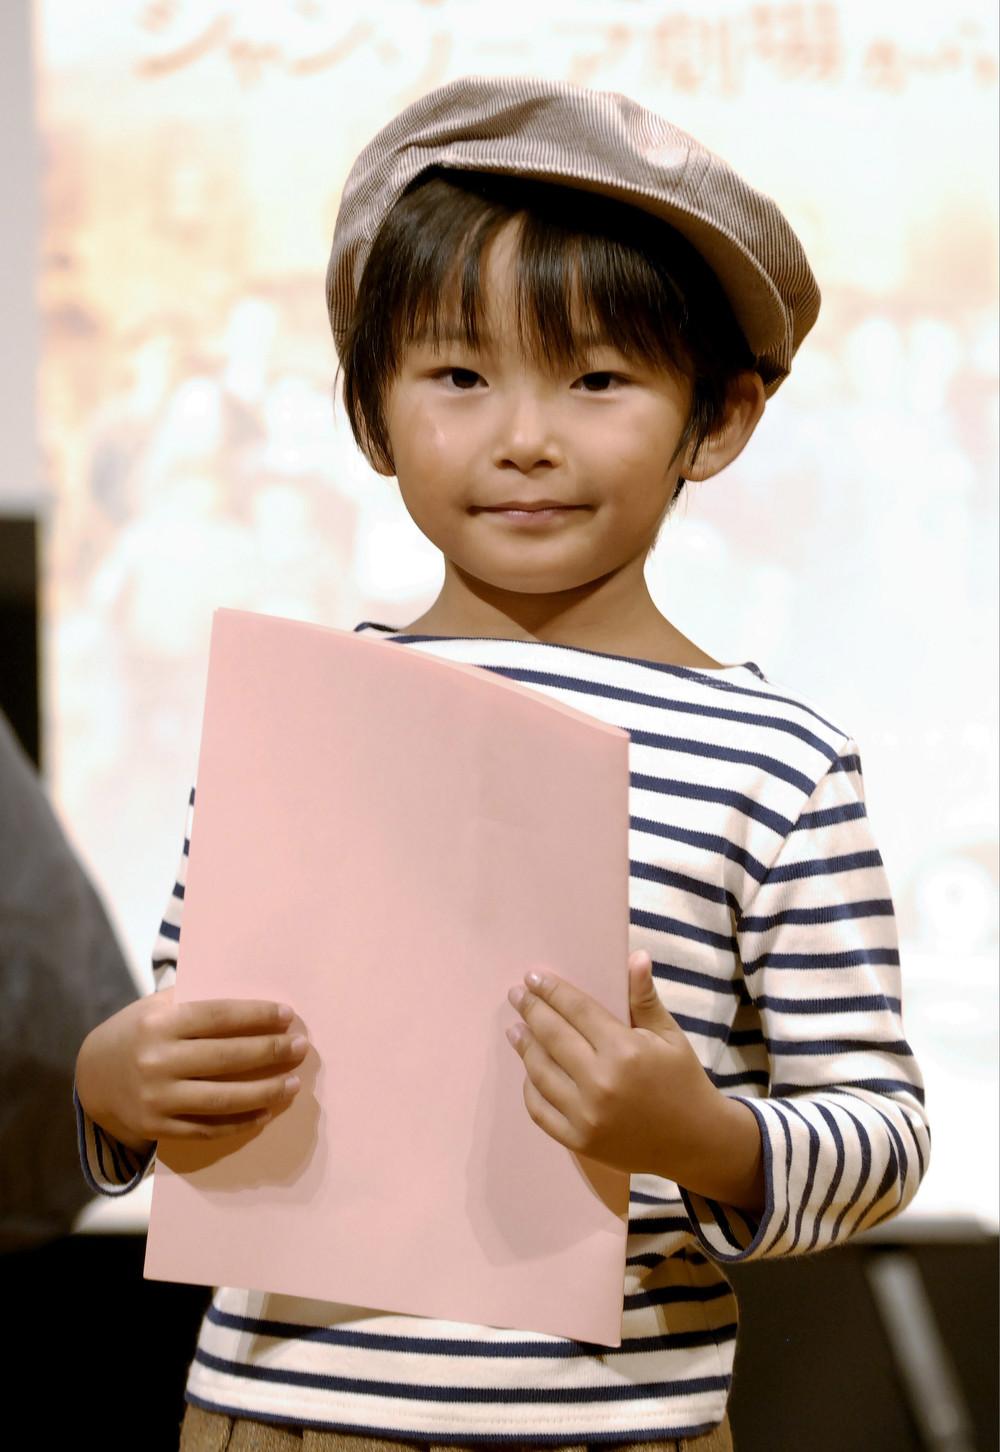 子役時代、2009年の加藤清史郎さん(写真:UPI/アフロ)